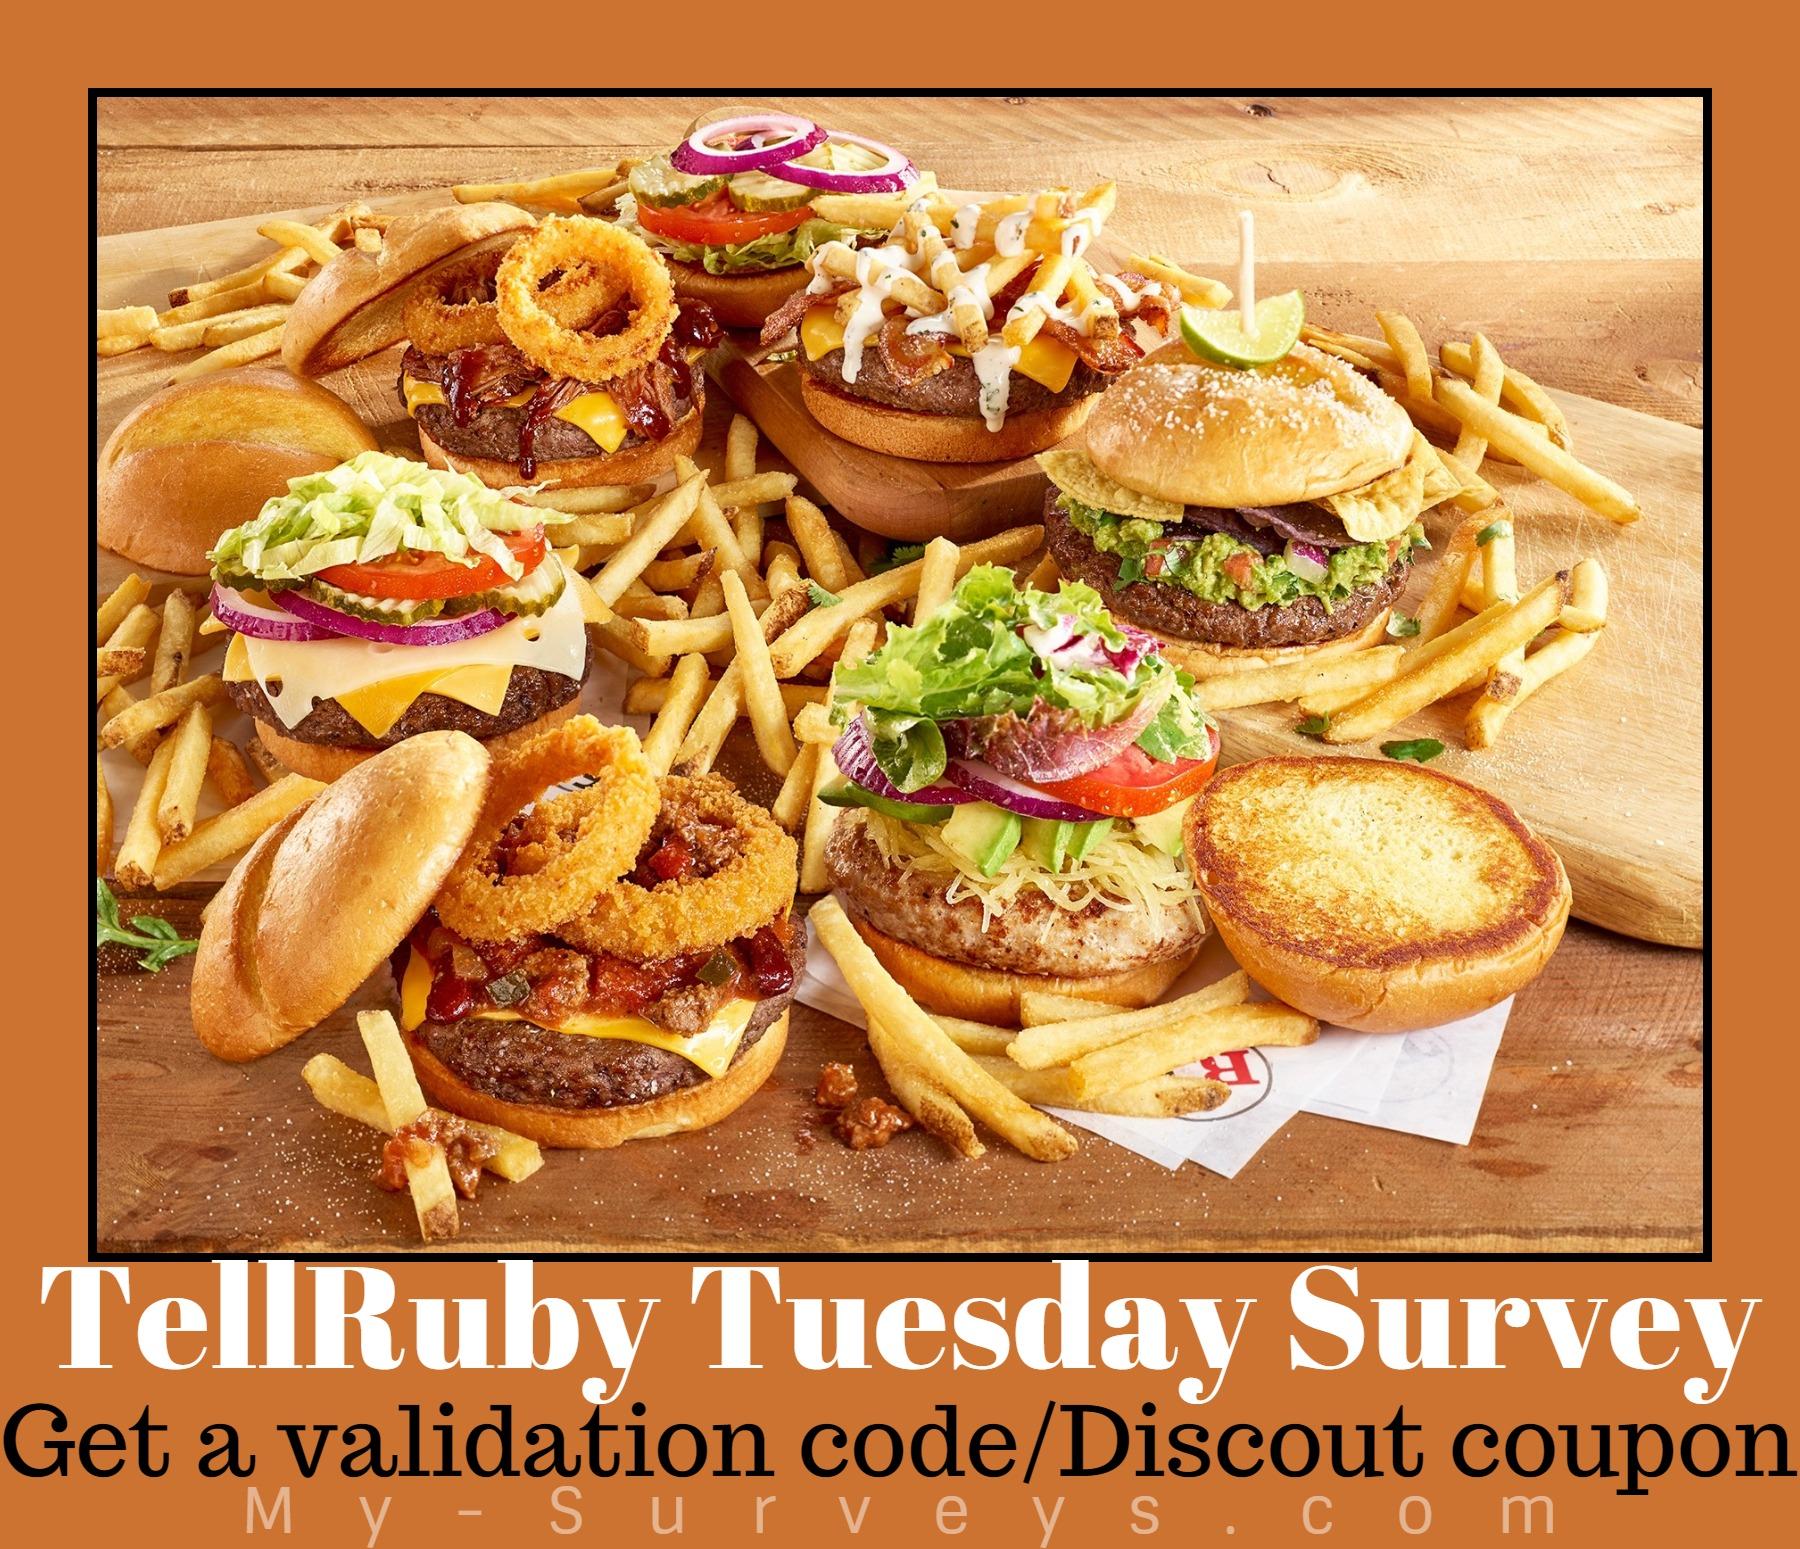 tellruby survey